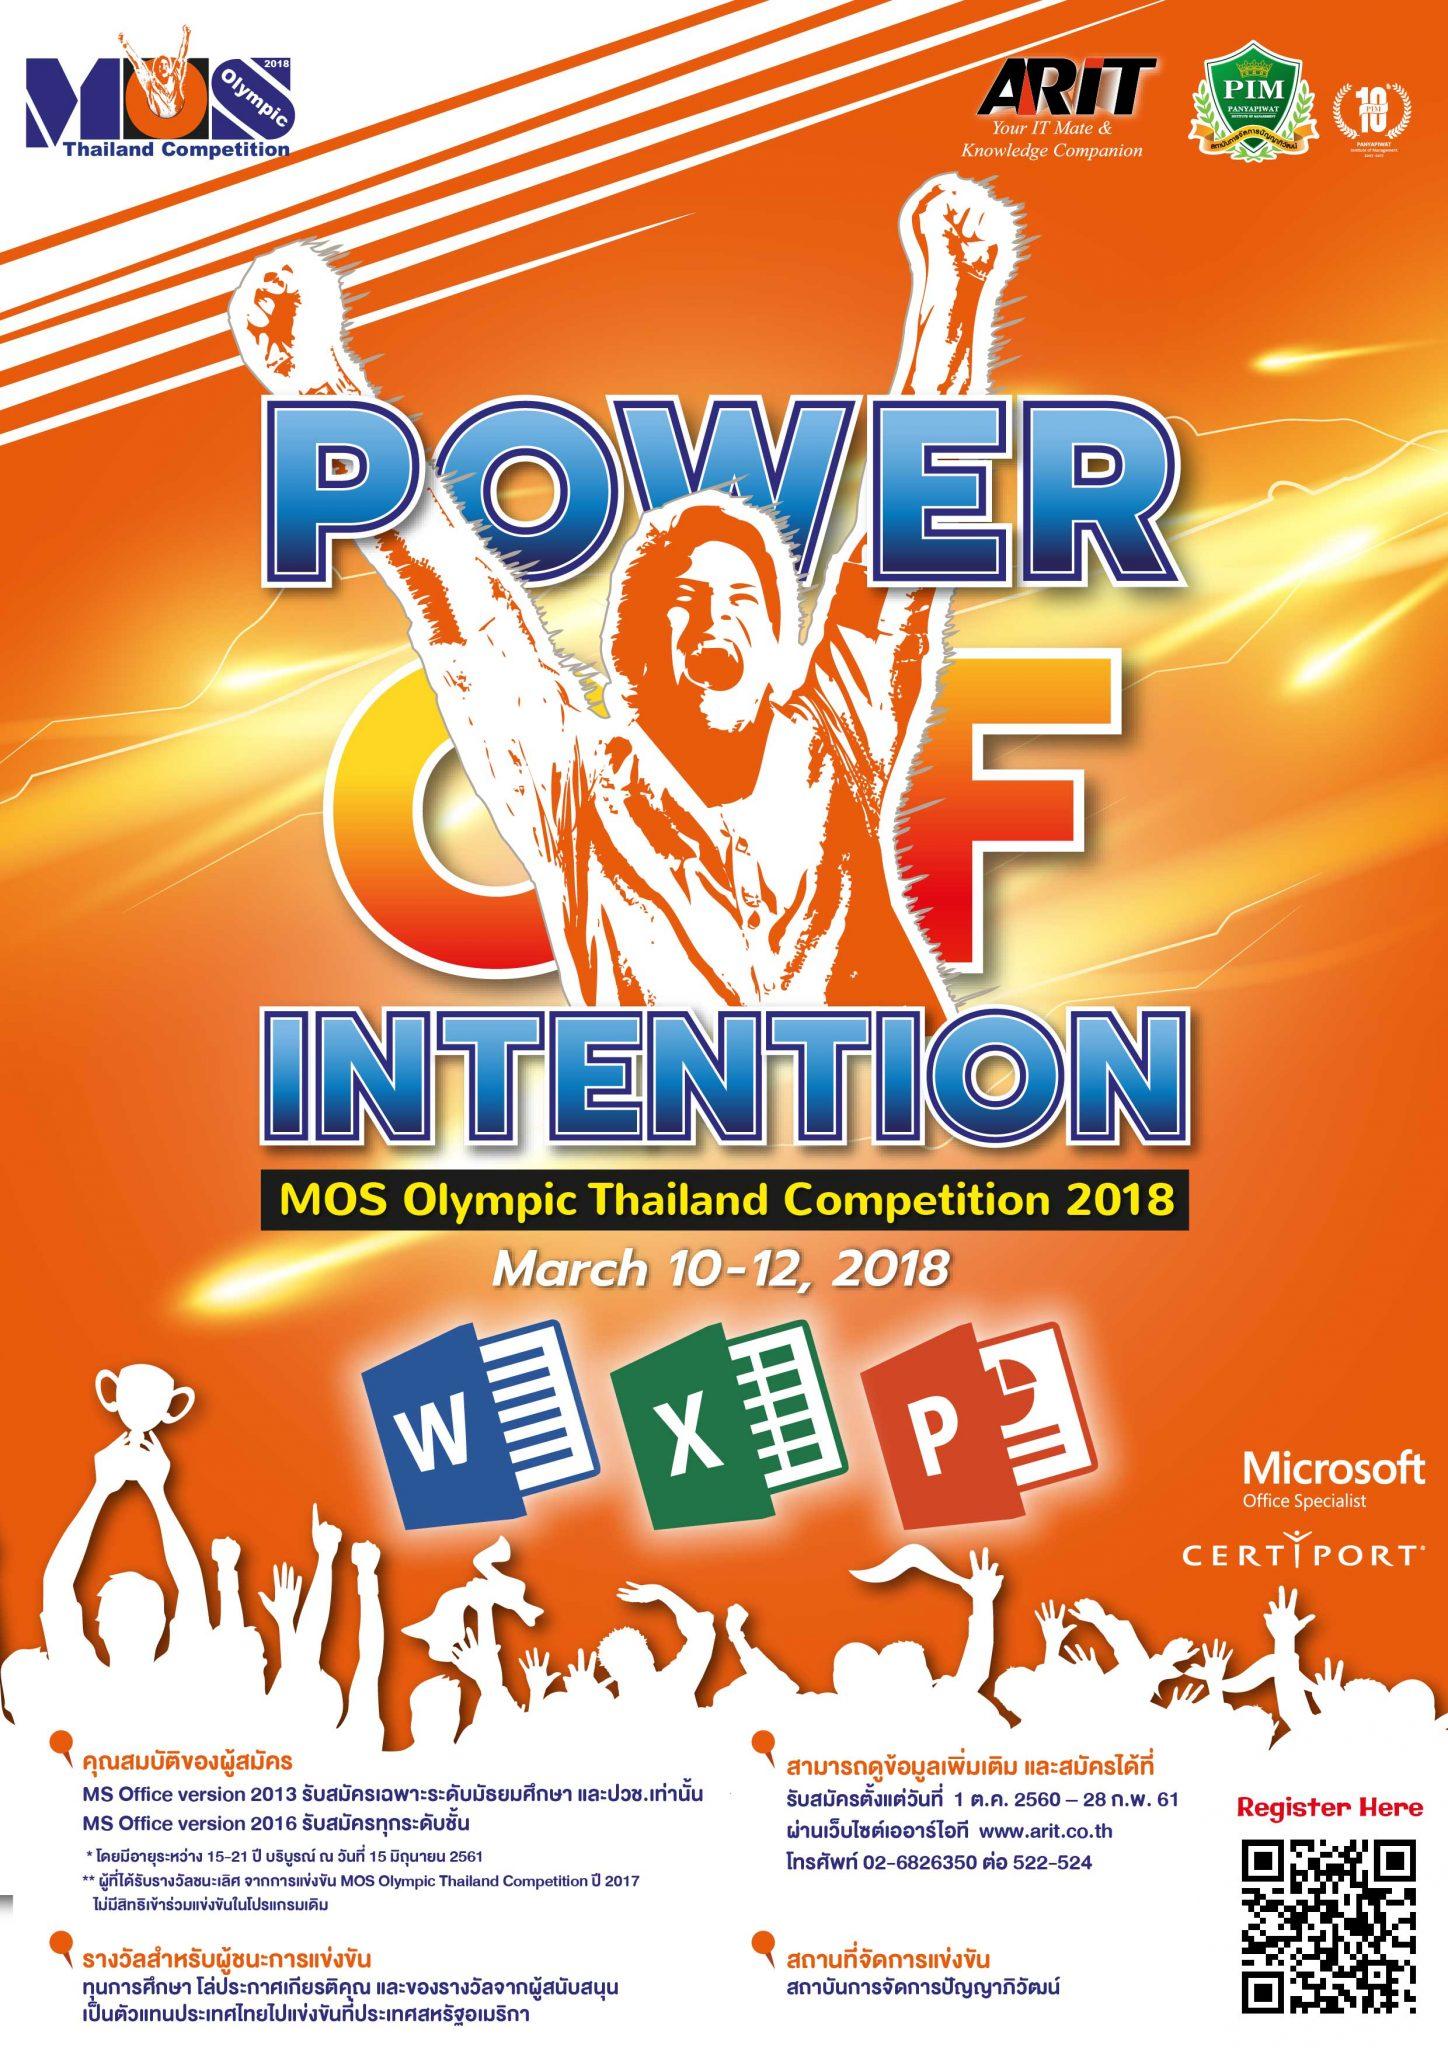 """เดือนสุดท้ายแล้ว! สำหรับการเปิดรับสมัครเด็กเก่งโปรแกรม Microsoft ร่วมแข่งขัน""""MOS Olympic Thailand Competition 2018"""" 13 -"""